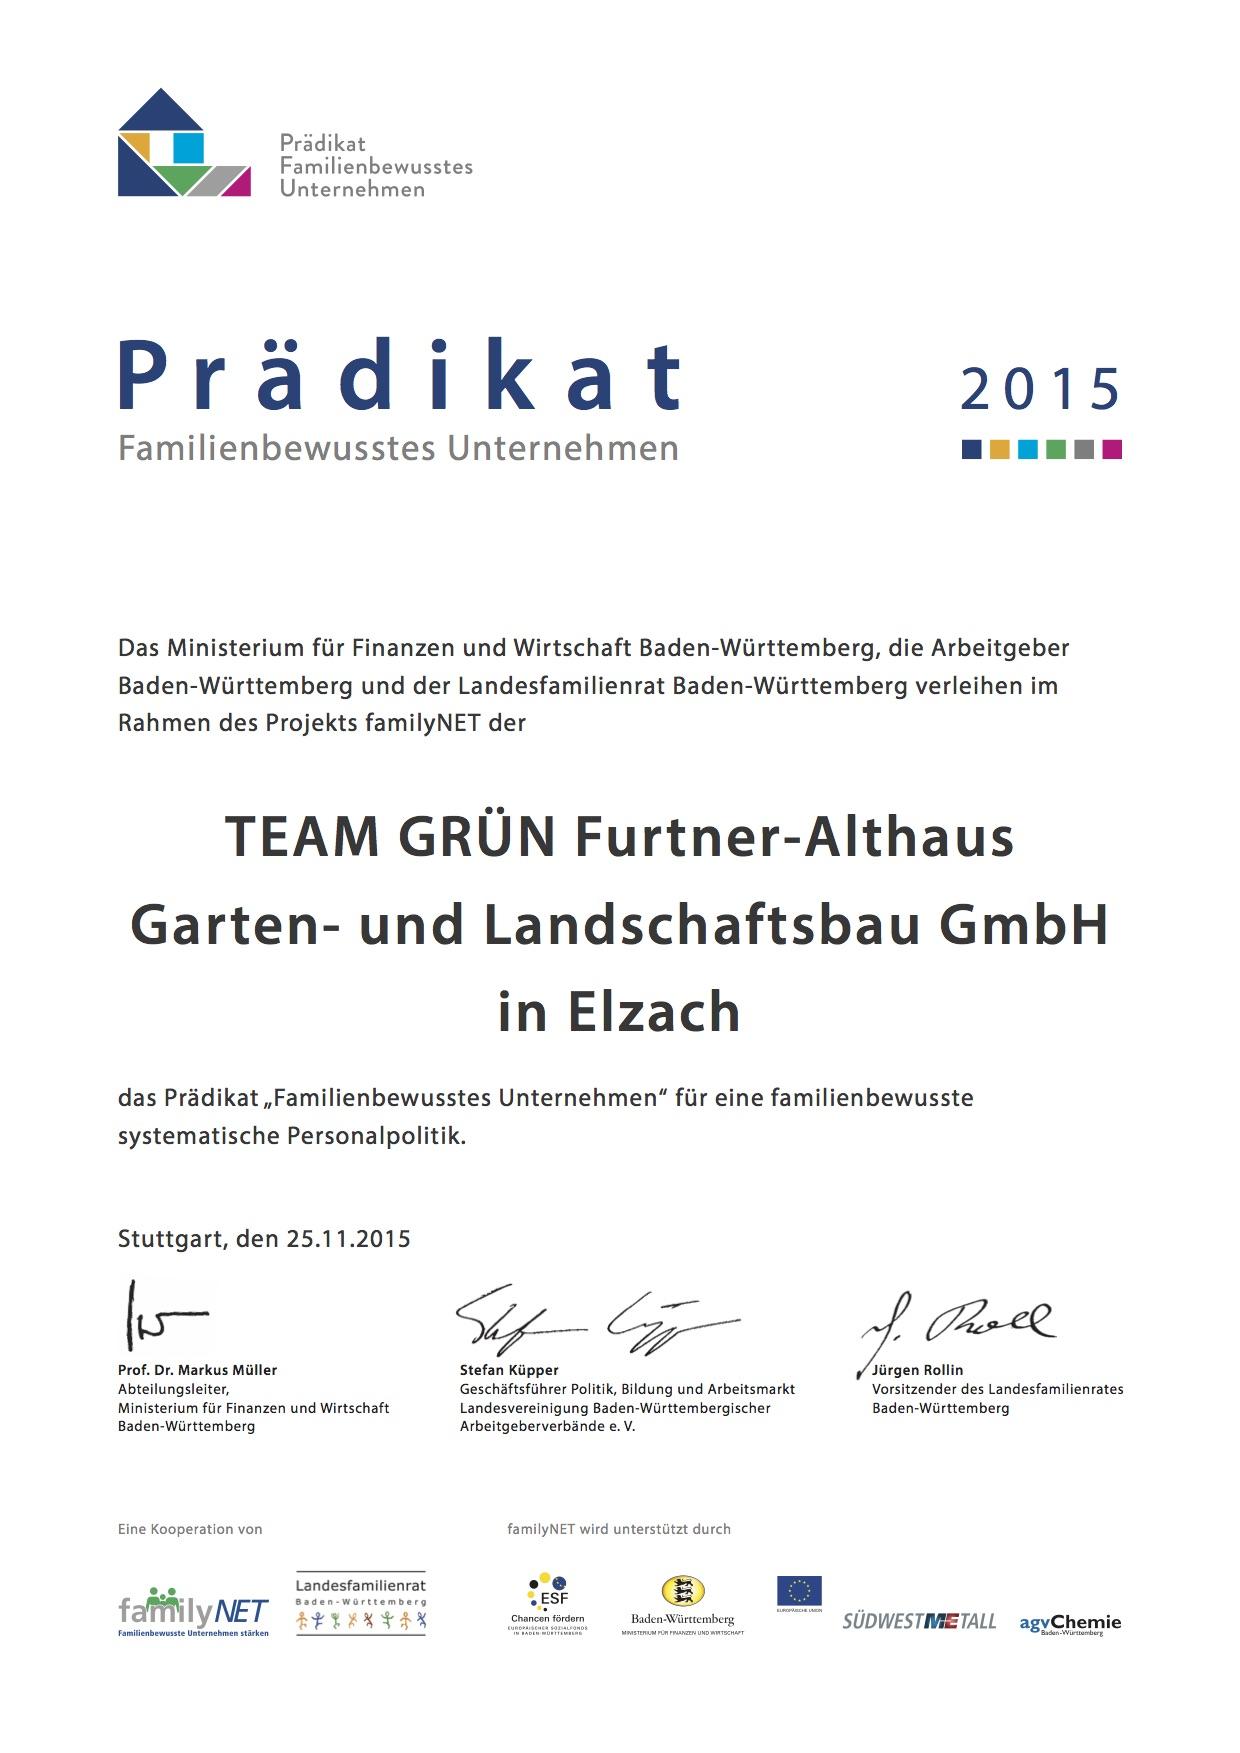 Auszeichnungen Team Grün Furtner Althaus Garten & Landschaftsbau